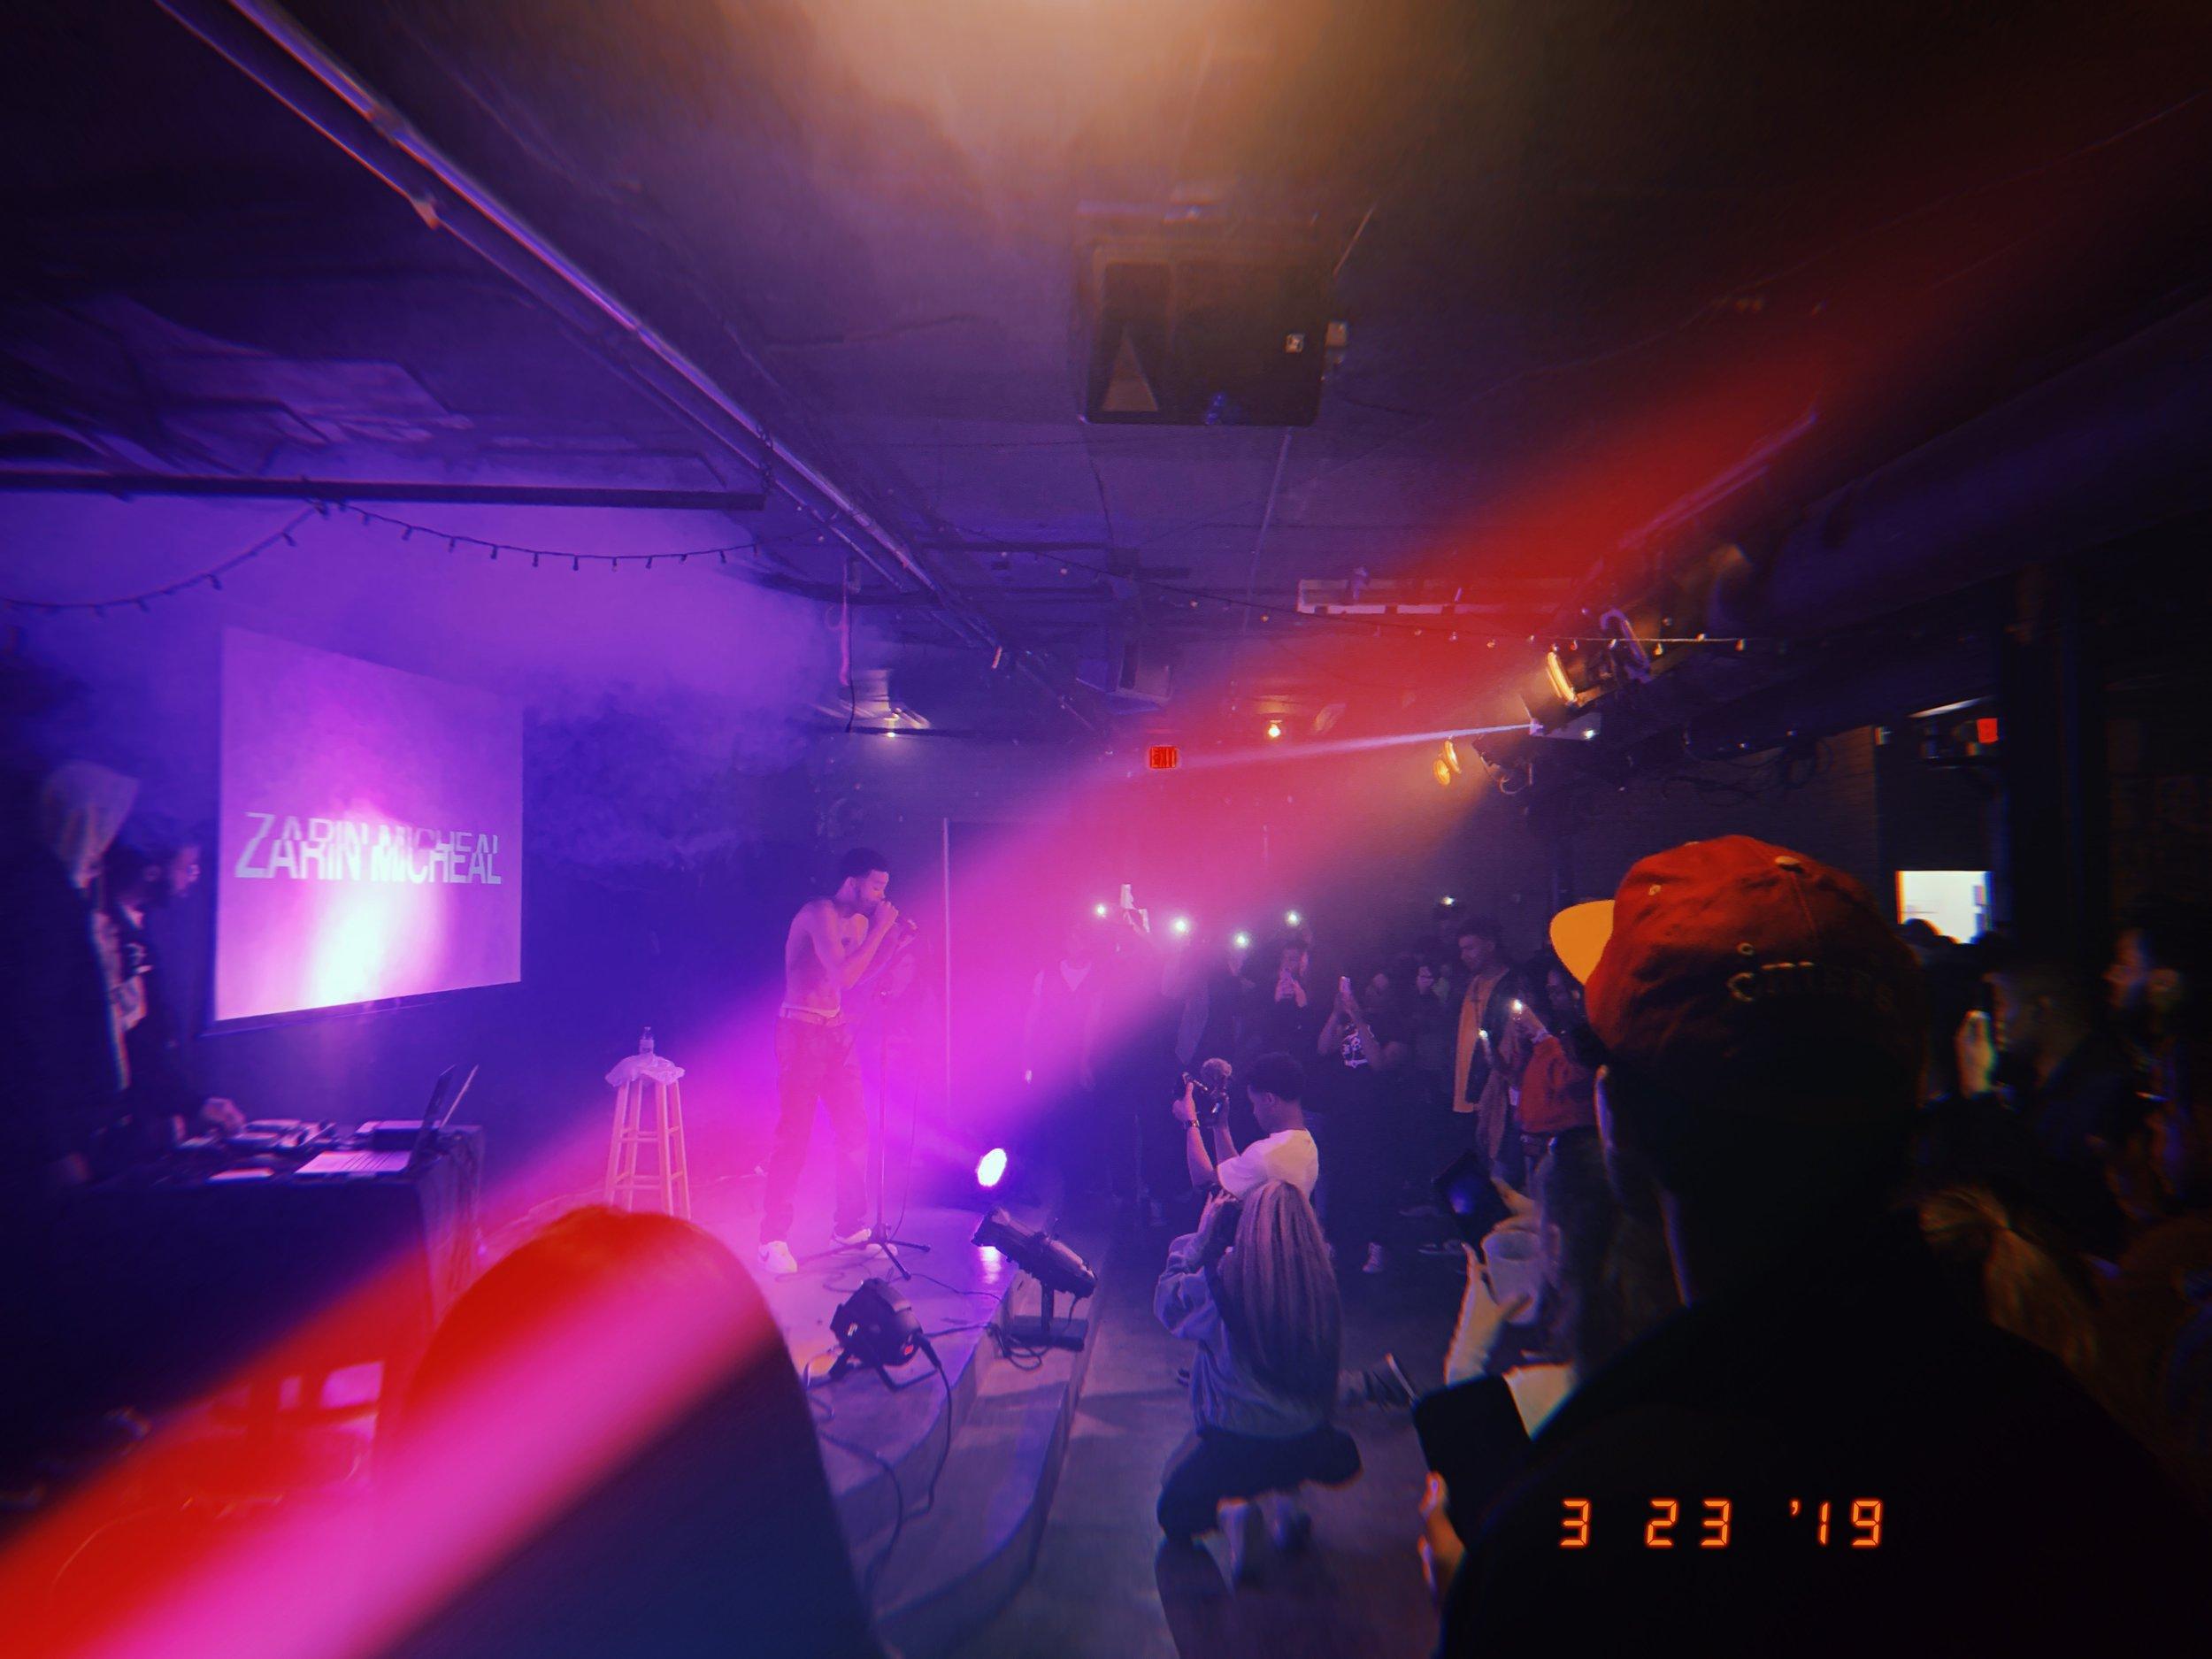 2019-03-23 21_43_23.052.jpg